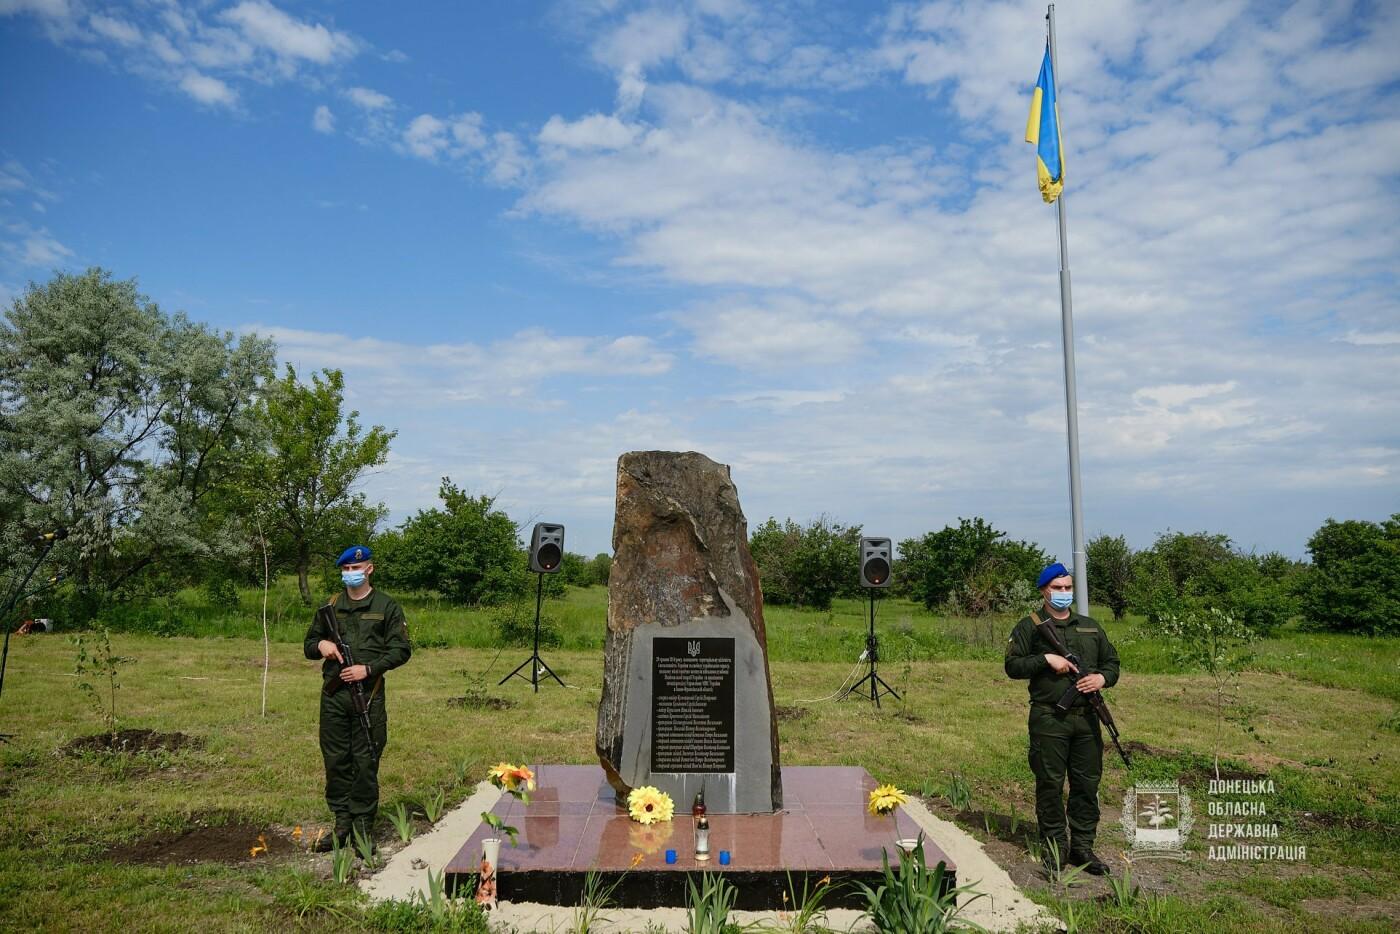 В Донецкой области почтили память 12 погибших украинских воинов во главе с генералом Кульчицким, - ФОТО, фото-2